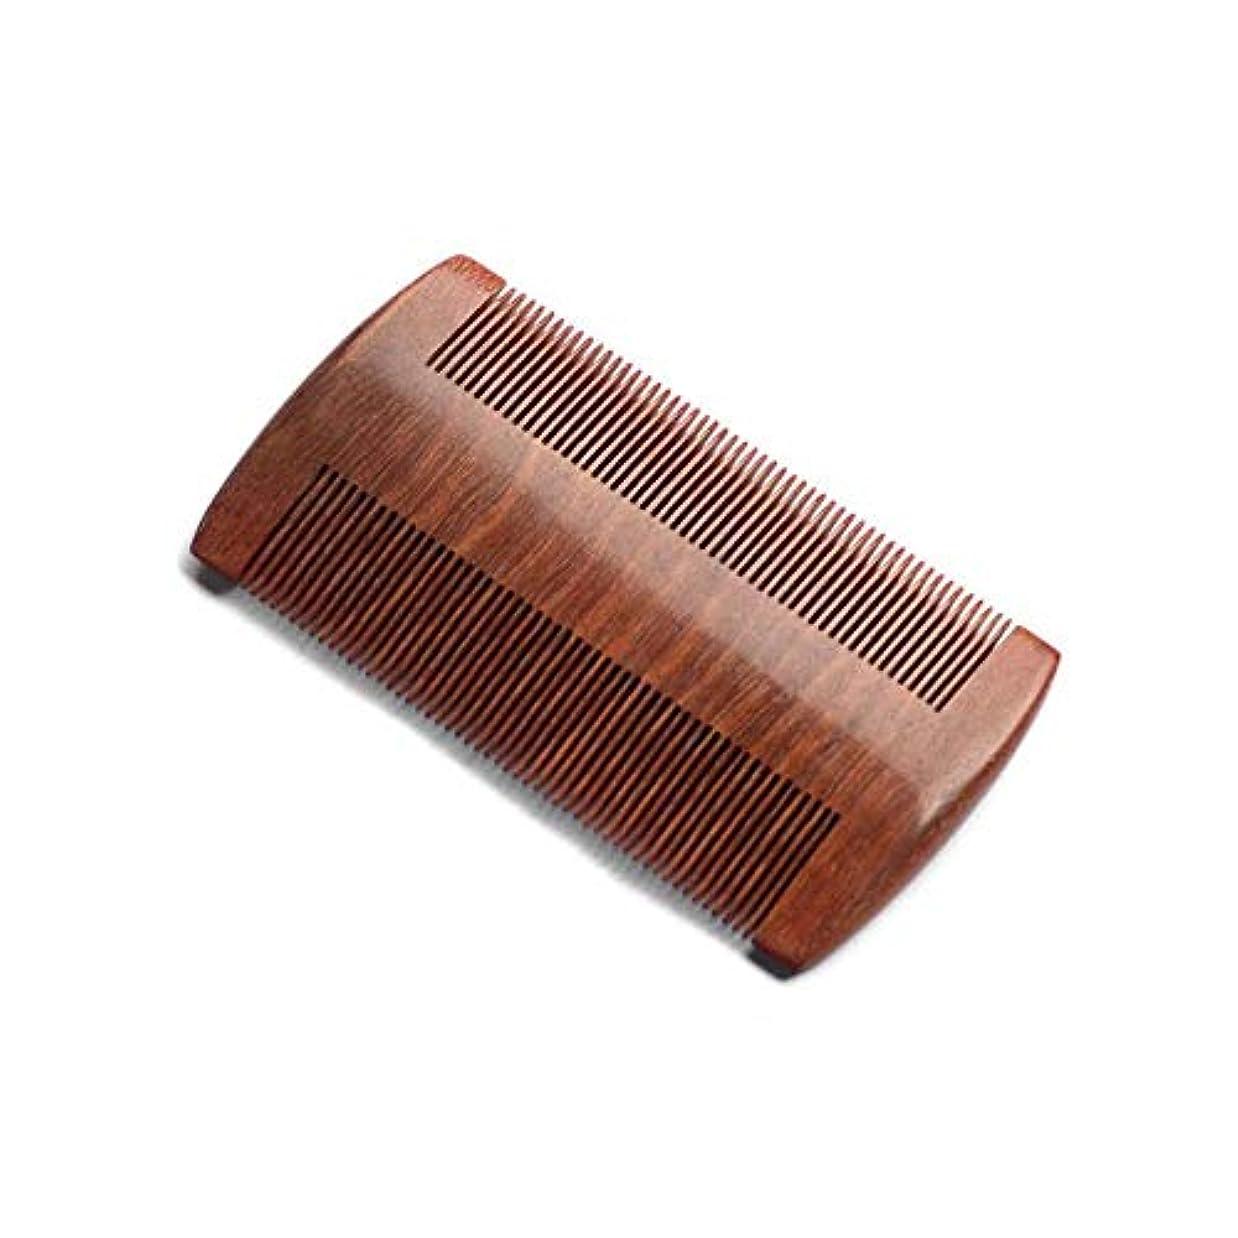 レンダリング最適精度ZYDP 細かいコンパクトな歯赤白檀の髪の櫛手作りの櫛帯電防止髪の櫛